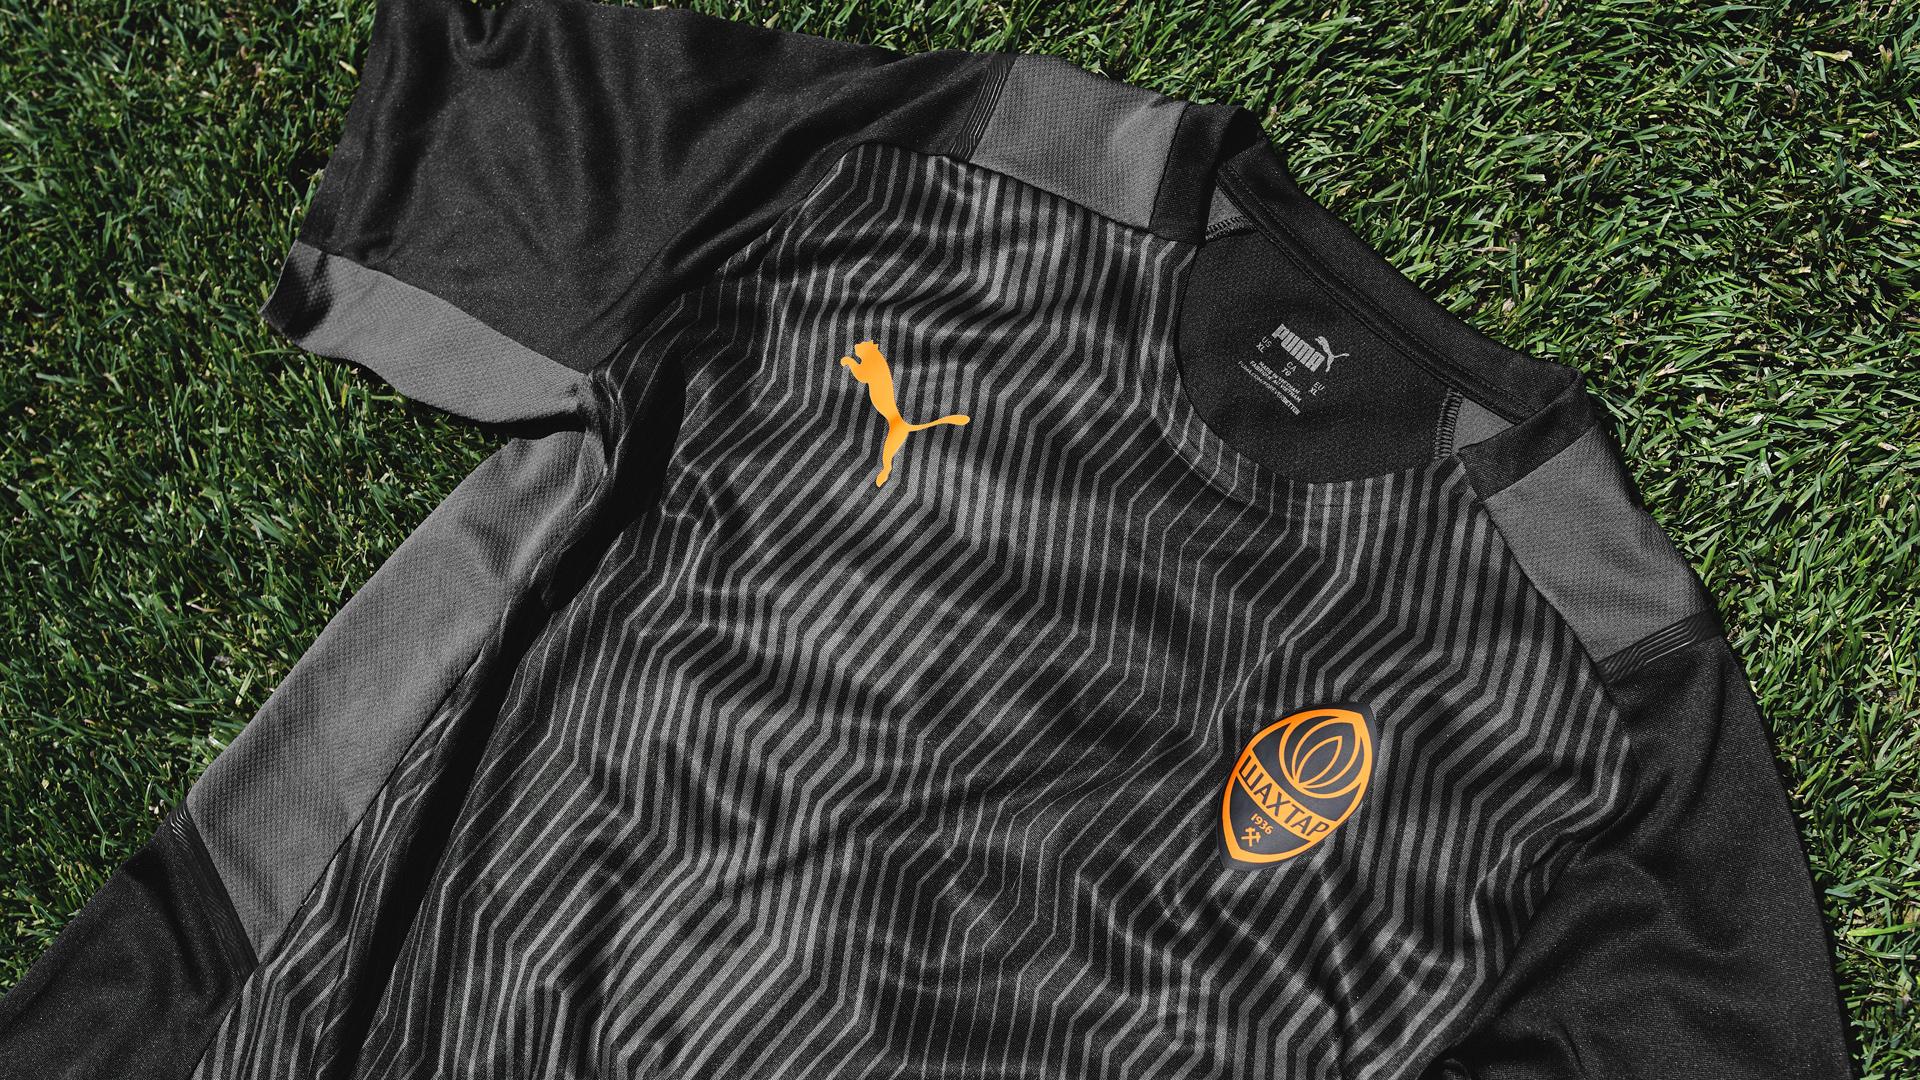 Puma, Шахтер, Чемпионат Украины по футболу, игровая форма